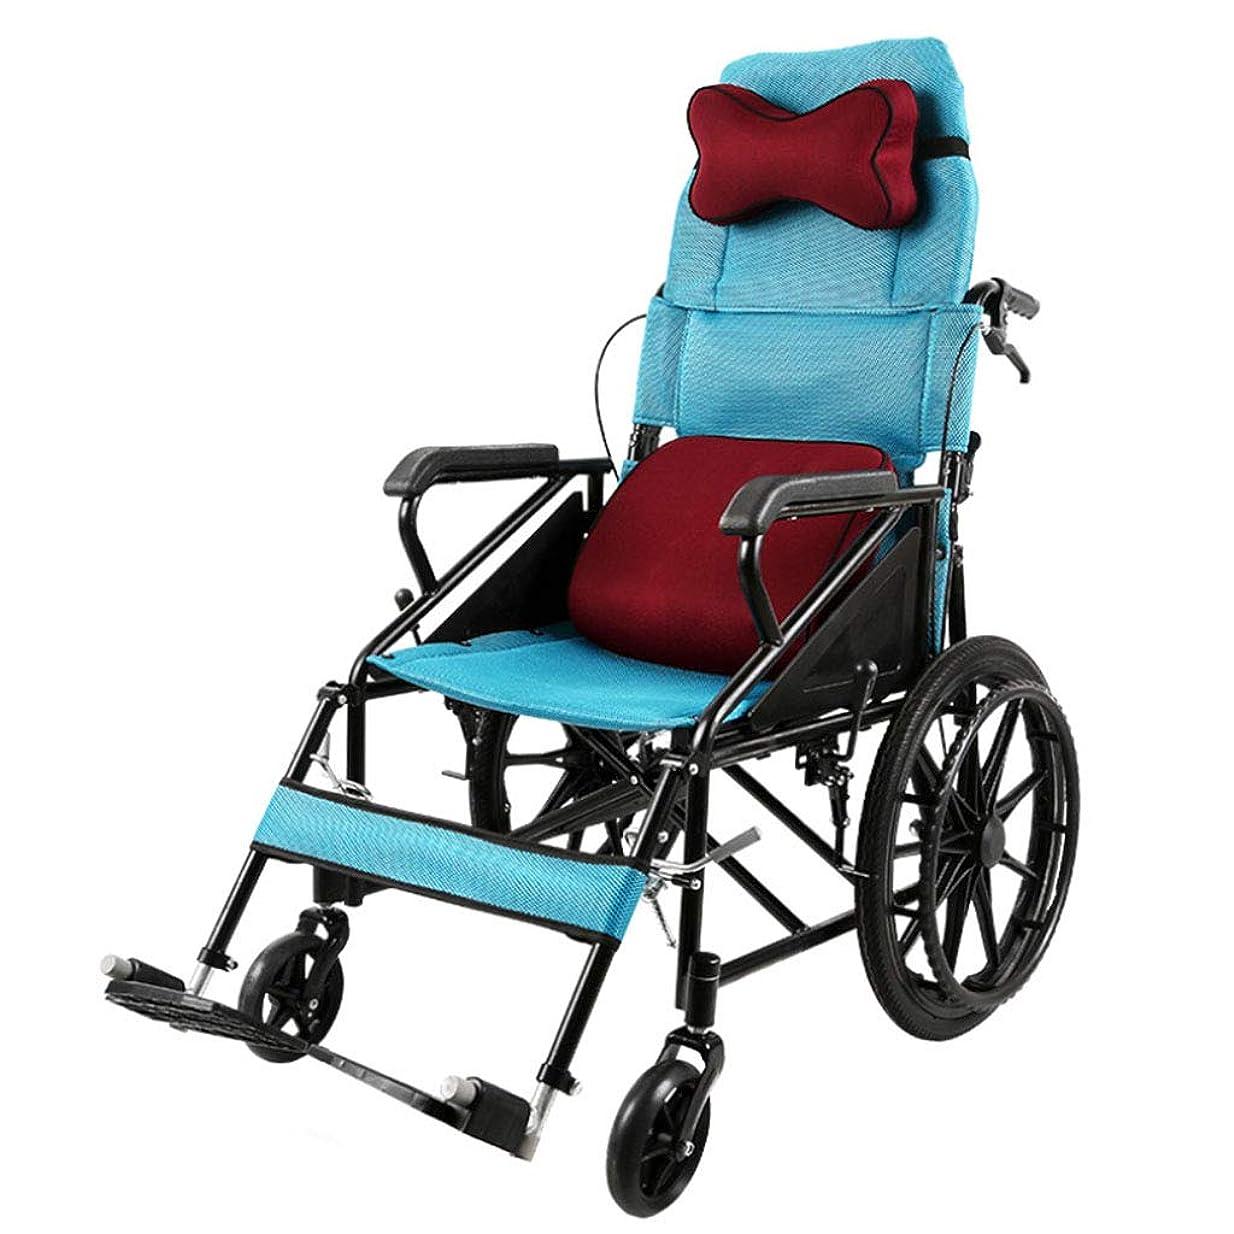 タッチ特定の豚肉リクライニング式背もたれ、調節可能なヘッドレスト付きアテンダントブレーキ付き創造的な折りたたみ式車椅子多機能ポータブル高齢者快適な滑らかでしっかりしたプッシュ車椅子